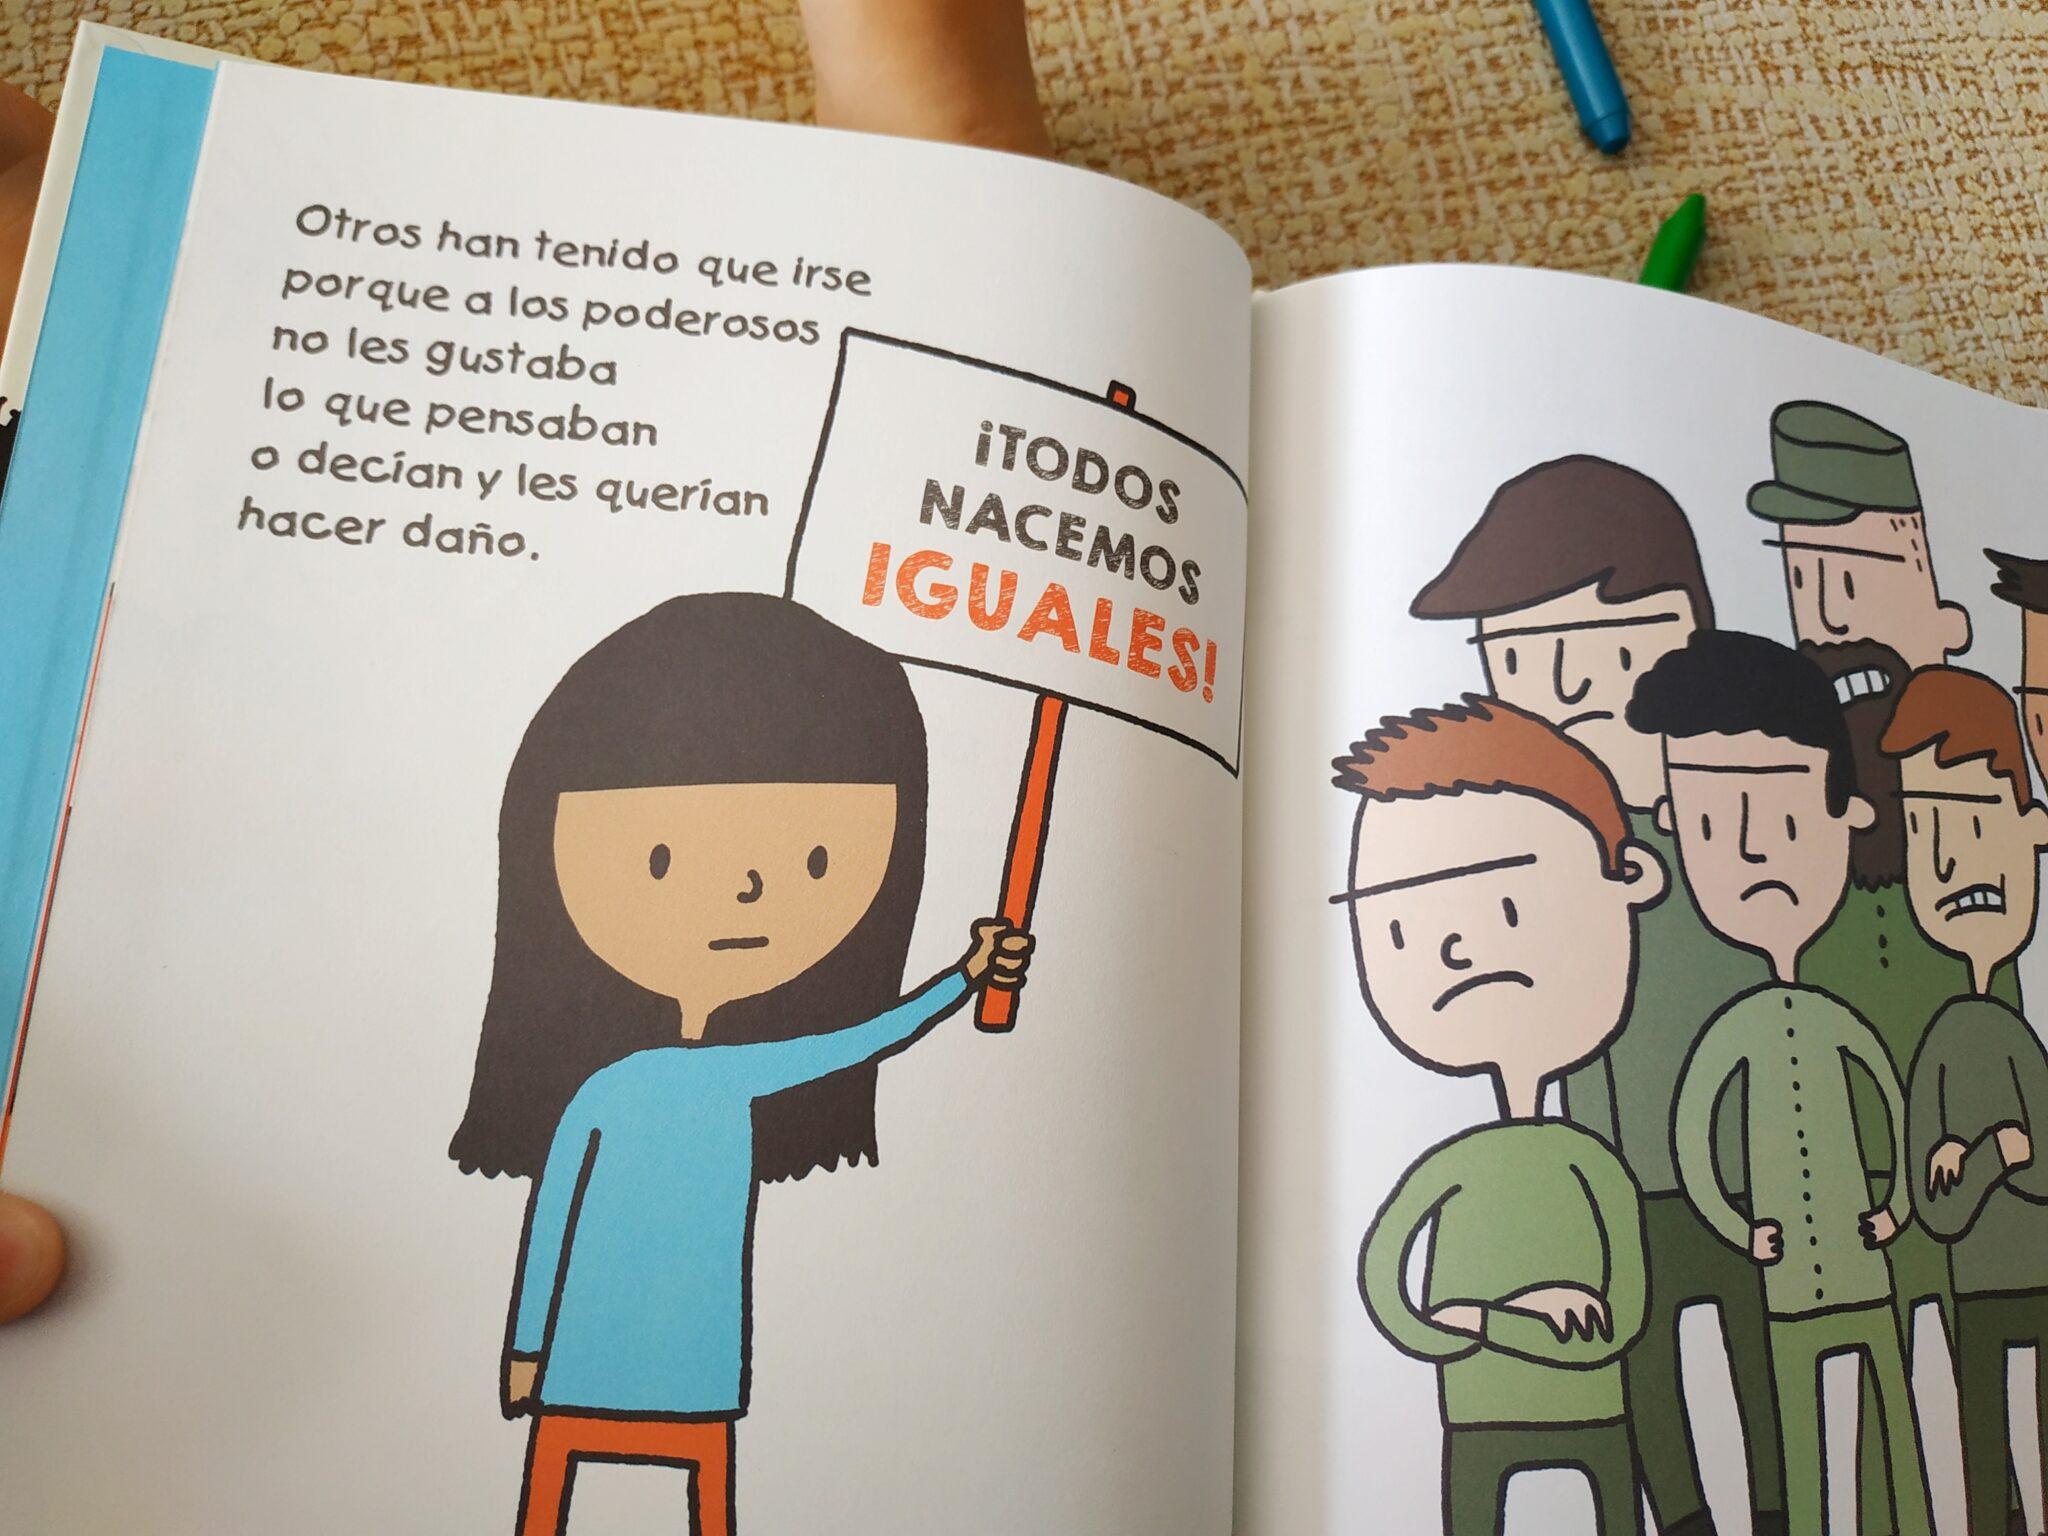 IMG 20200923 123030 01 scaled - Cómo explicar a los niños qué es un refugiado